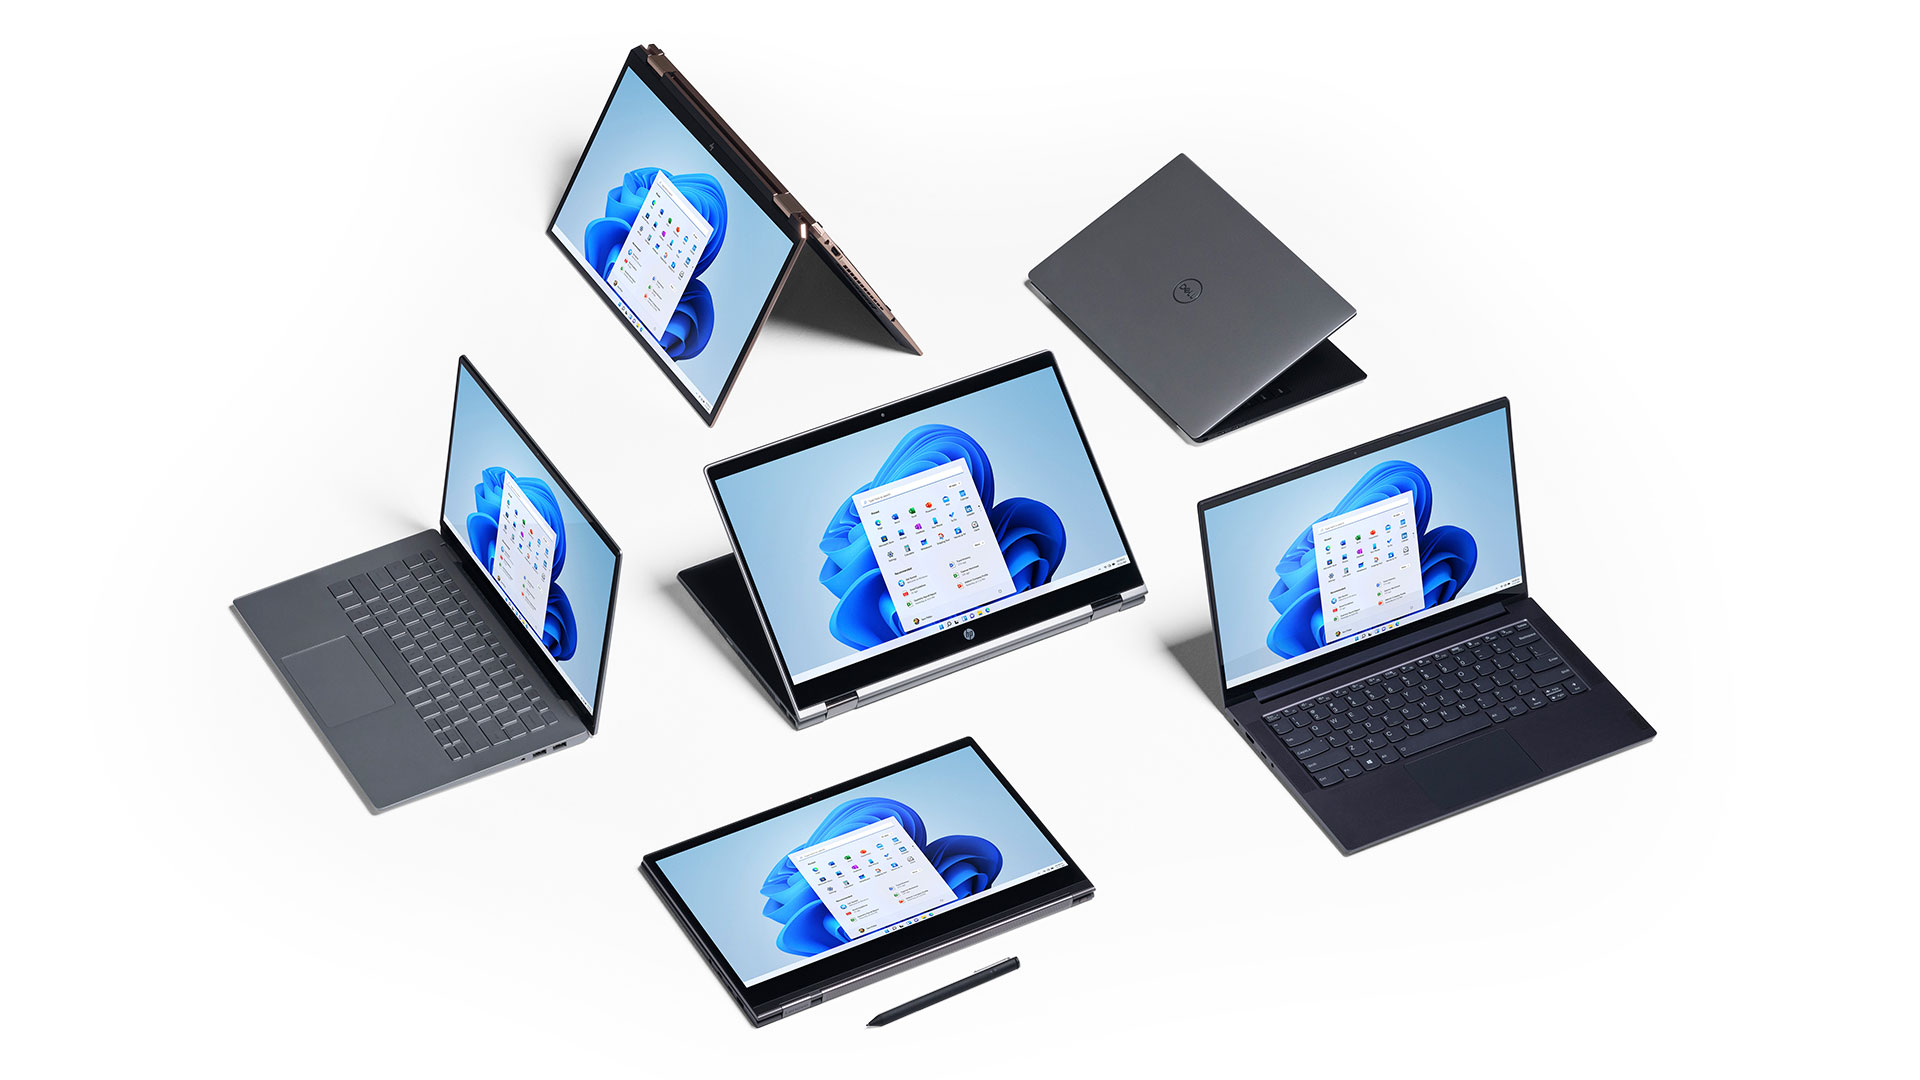 6 Windows 11 bilgisayarsan oluşan sıra